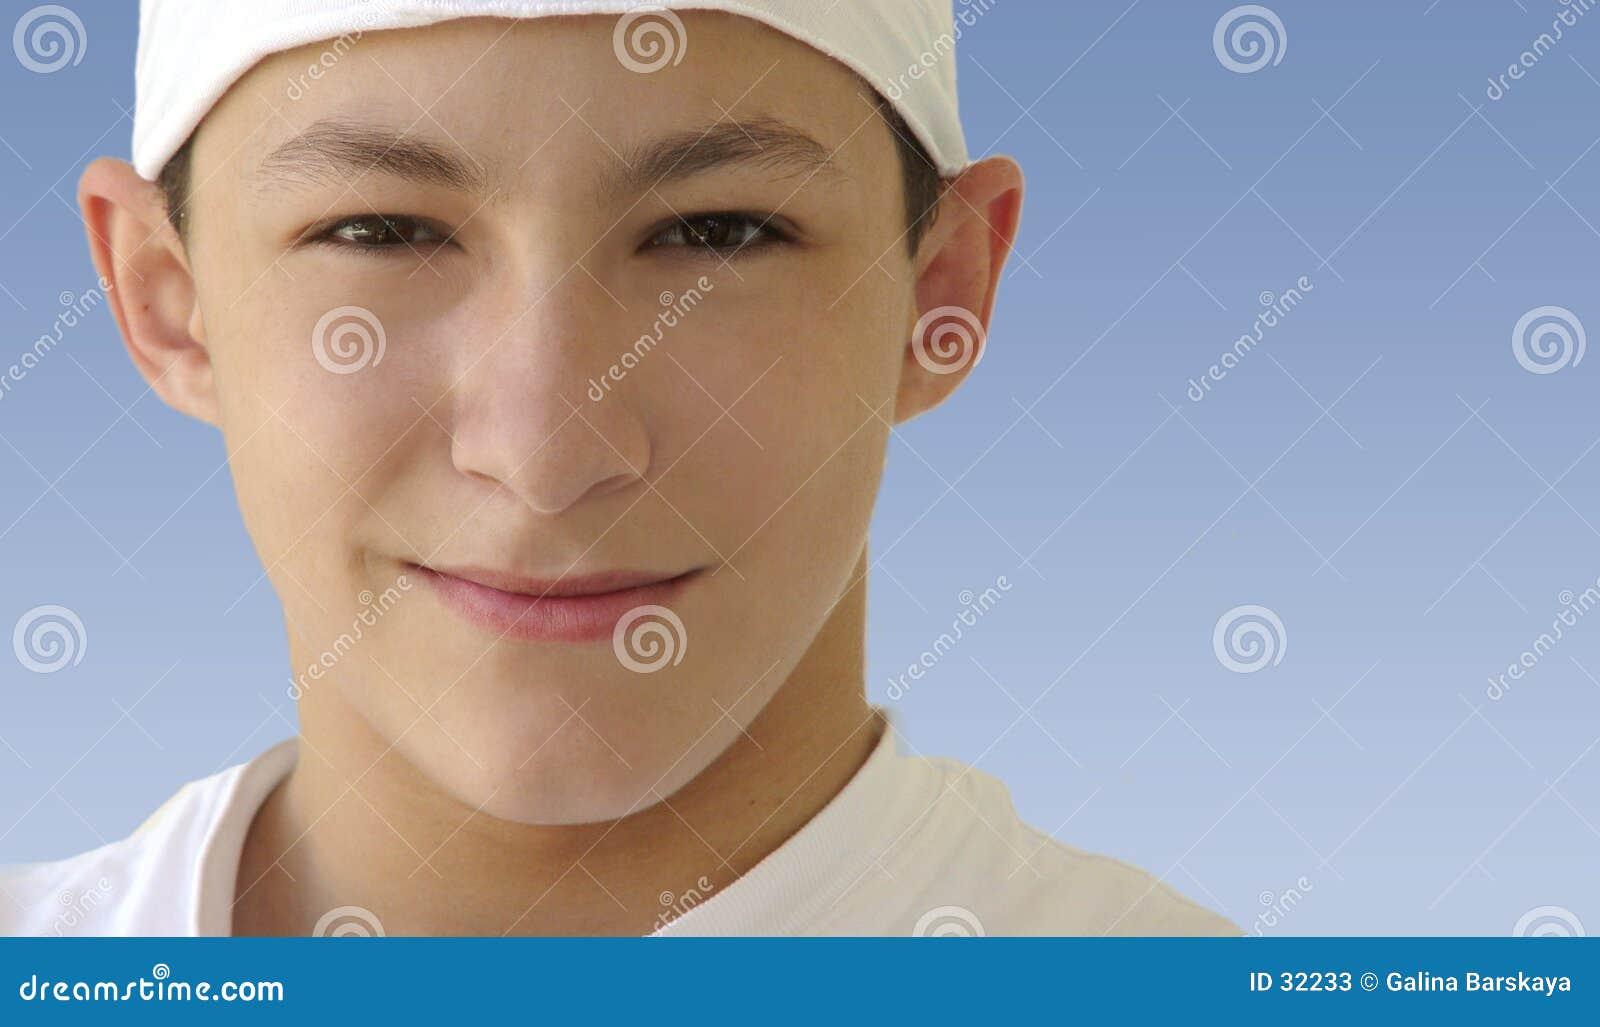 Download Junge in einem weißen Hut stockbild. Bild von raum, jugendlicher - 32233